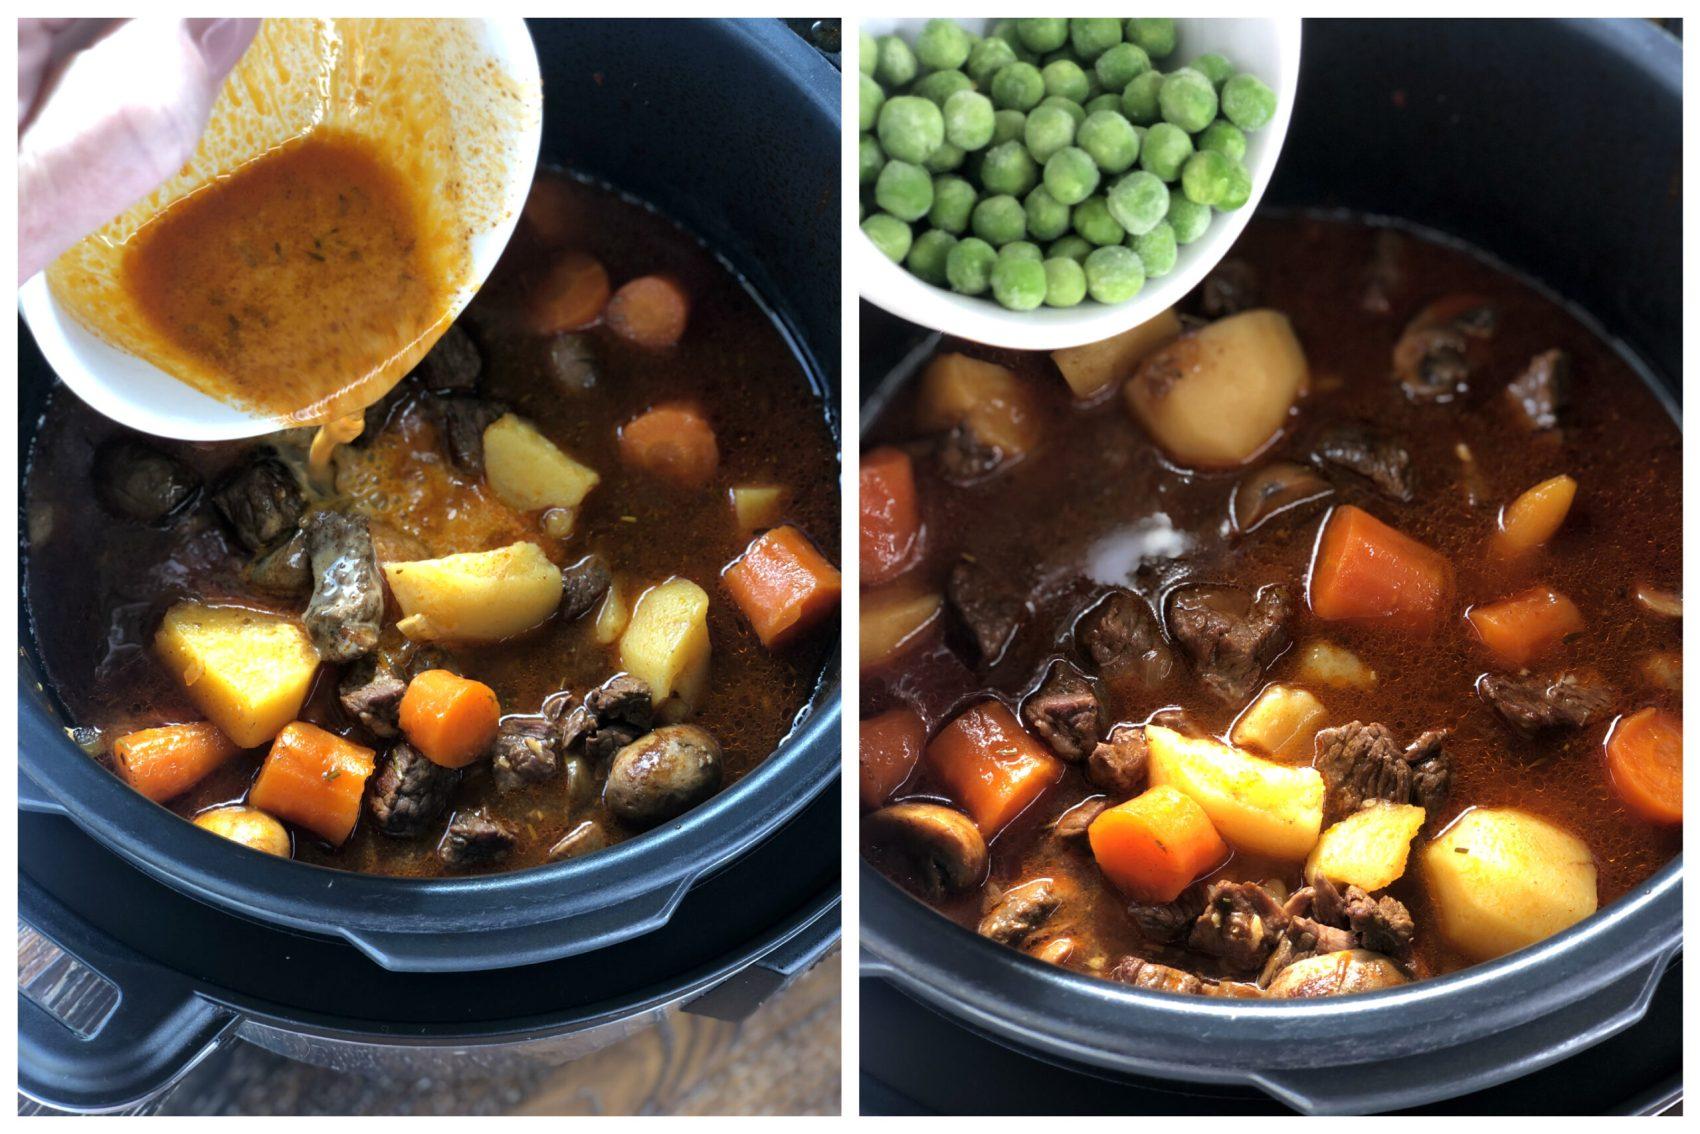 Cornflour Slurry and Peas to thicken stew